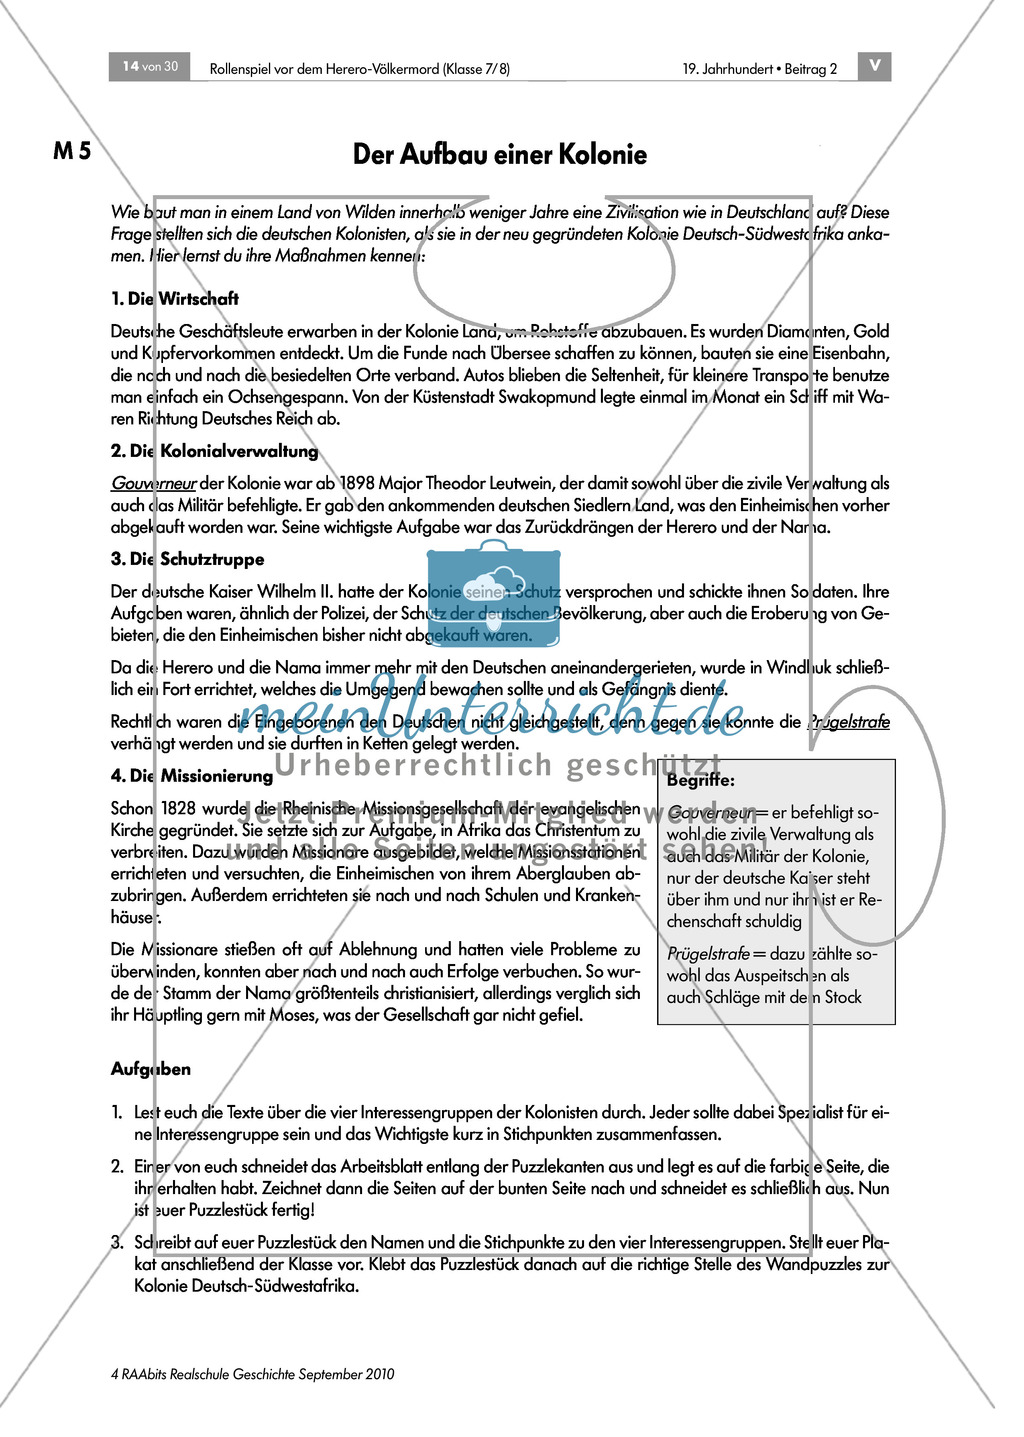 Deutsche Kolonialherren und afrikanische Ureinwohner: Die Geschichte der Kolonie Deutsch-Südwestafrika in Gruppen erarbeiten und als Puzzle zusammensetzen und präsentieren Preview 5